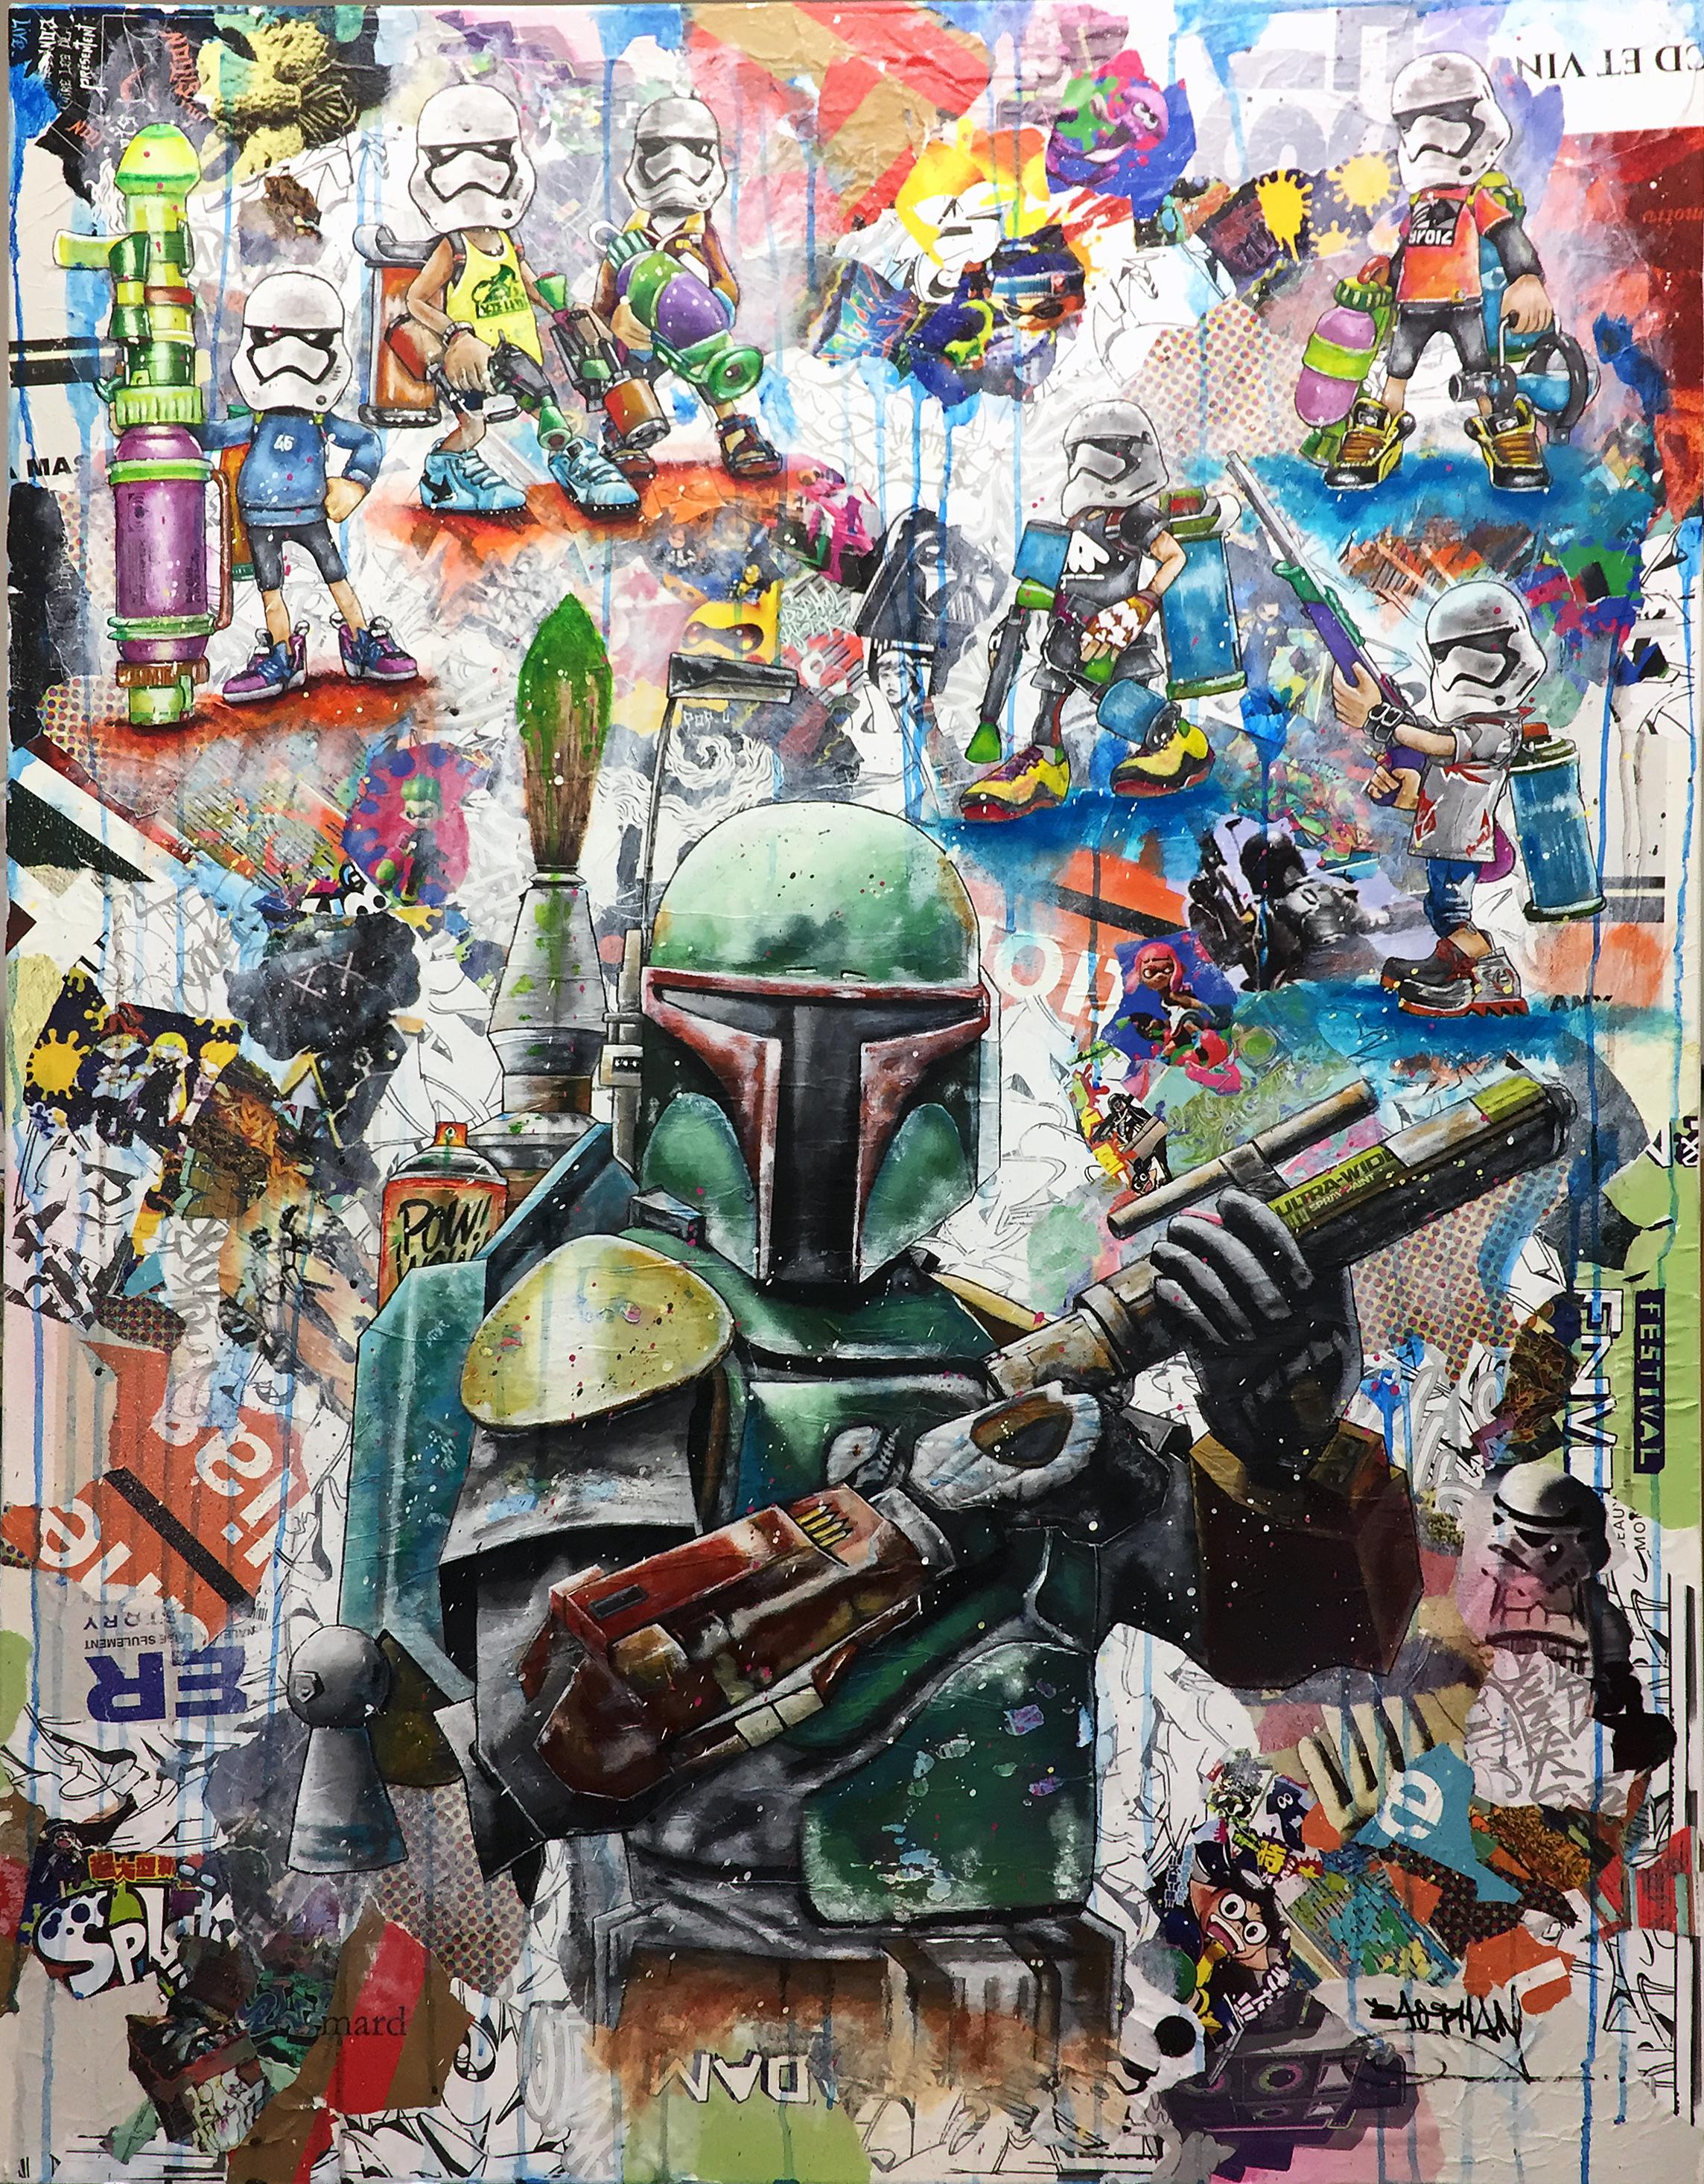 Splatoon-The Style Wars Edition